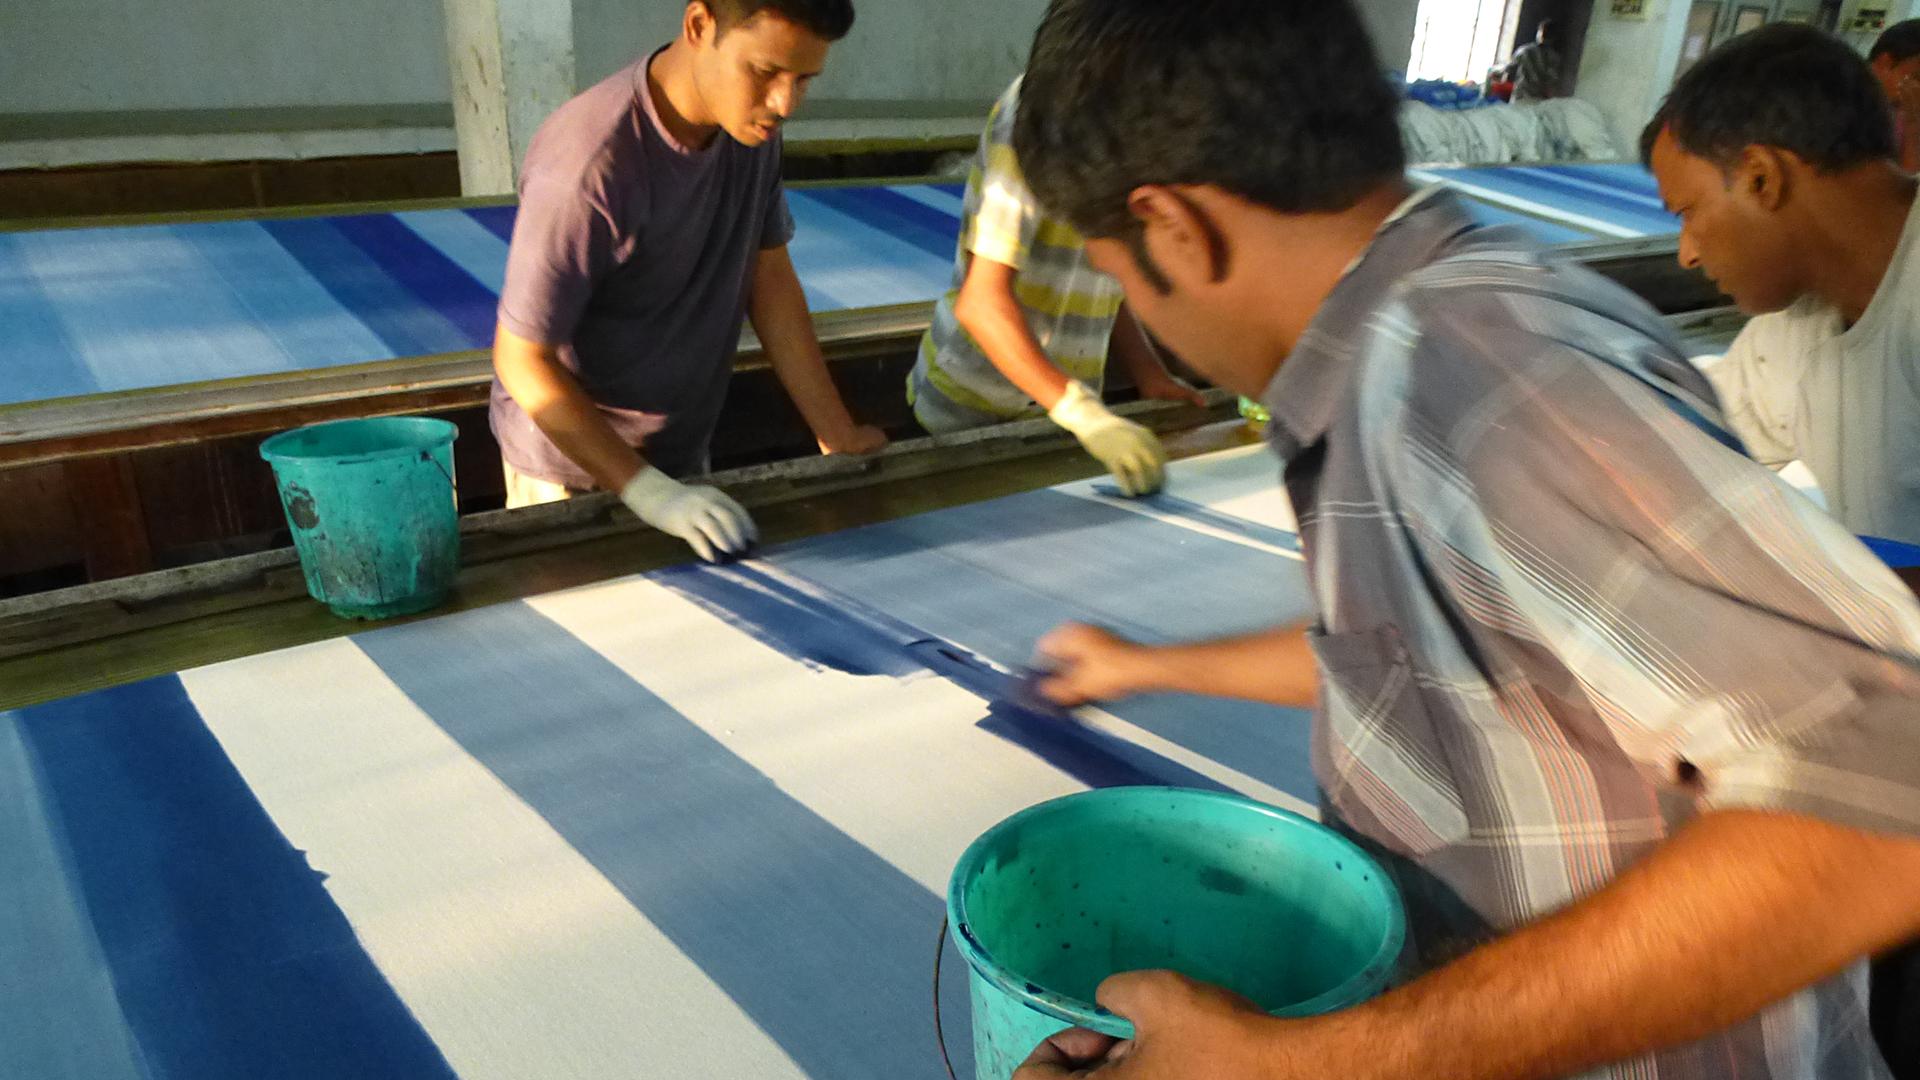 Vorfinanzierung: Von der GEPA können unsere Handwerkspartner eine zinsfreie Vorfinanzierung erhalten und an die Produzenten weitergeben. Sie benötigen sie, um Rohmaterial einkaufen zu können.